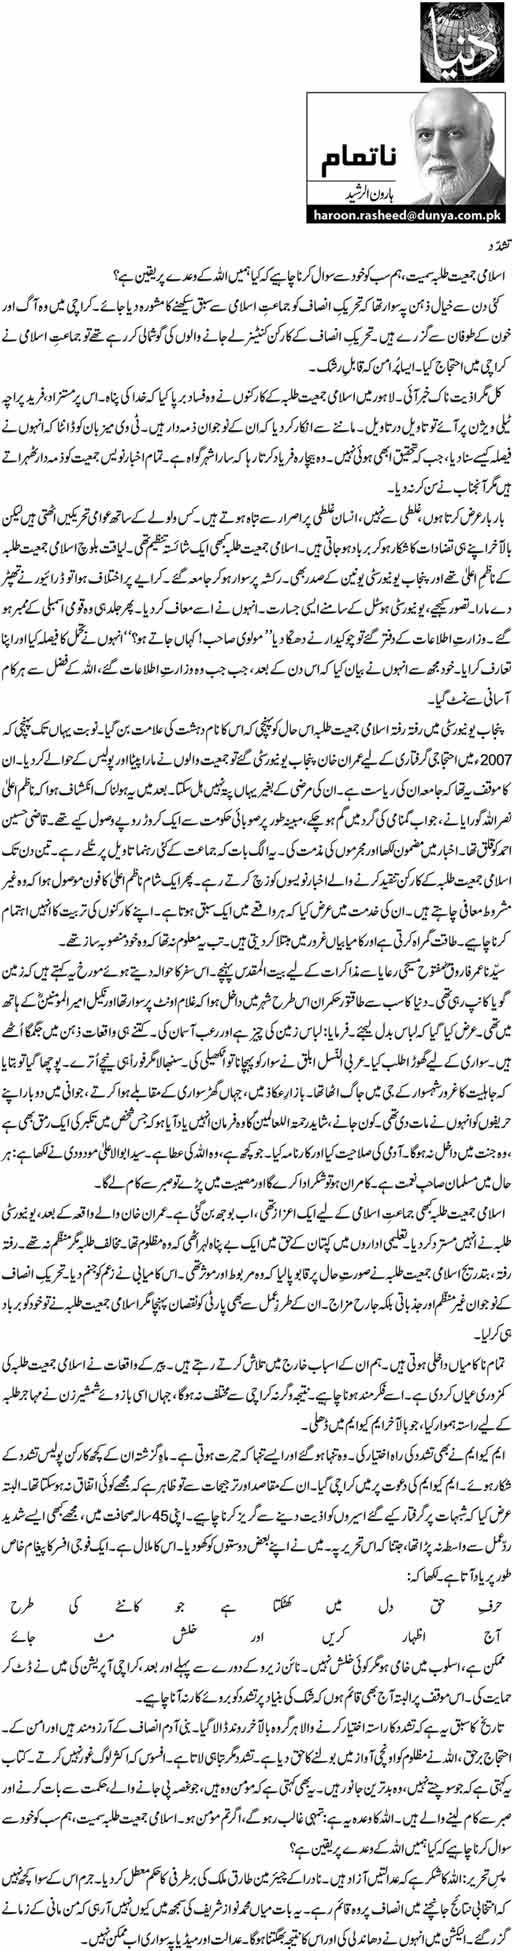 Tashaddud - Haroon-ur-Rasheed